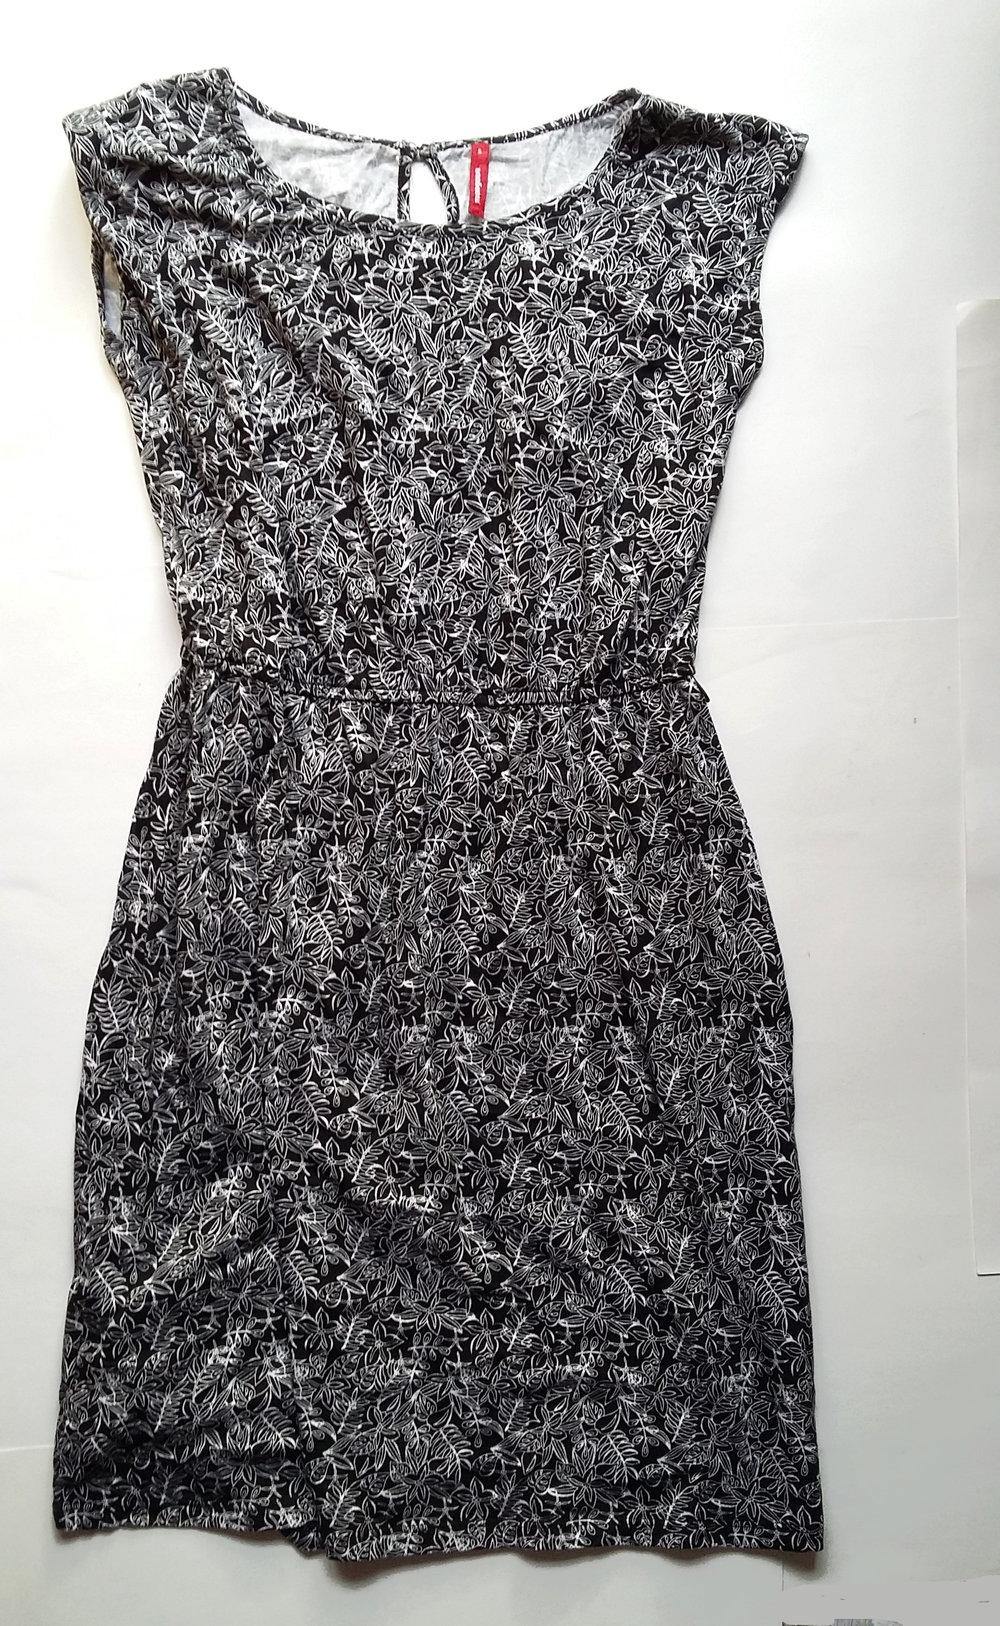 neu kleid s 36 38 sommerkleid manguun np 40€ blumen blumenmuster schwarz  weiß knielang